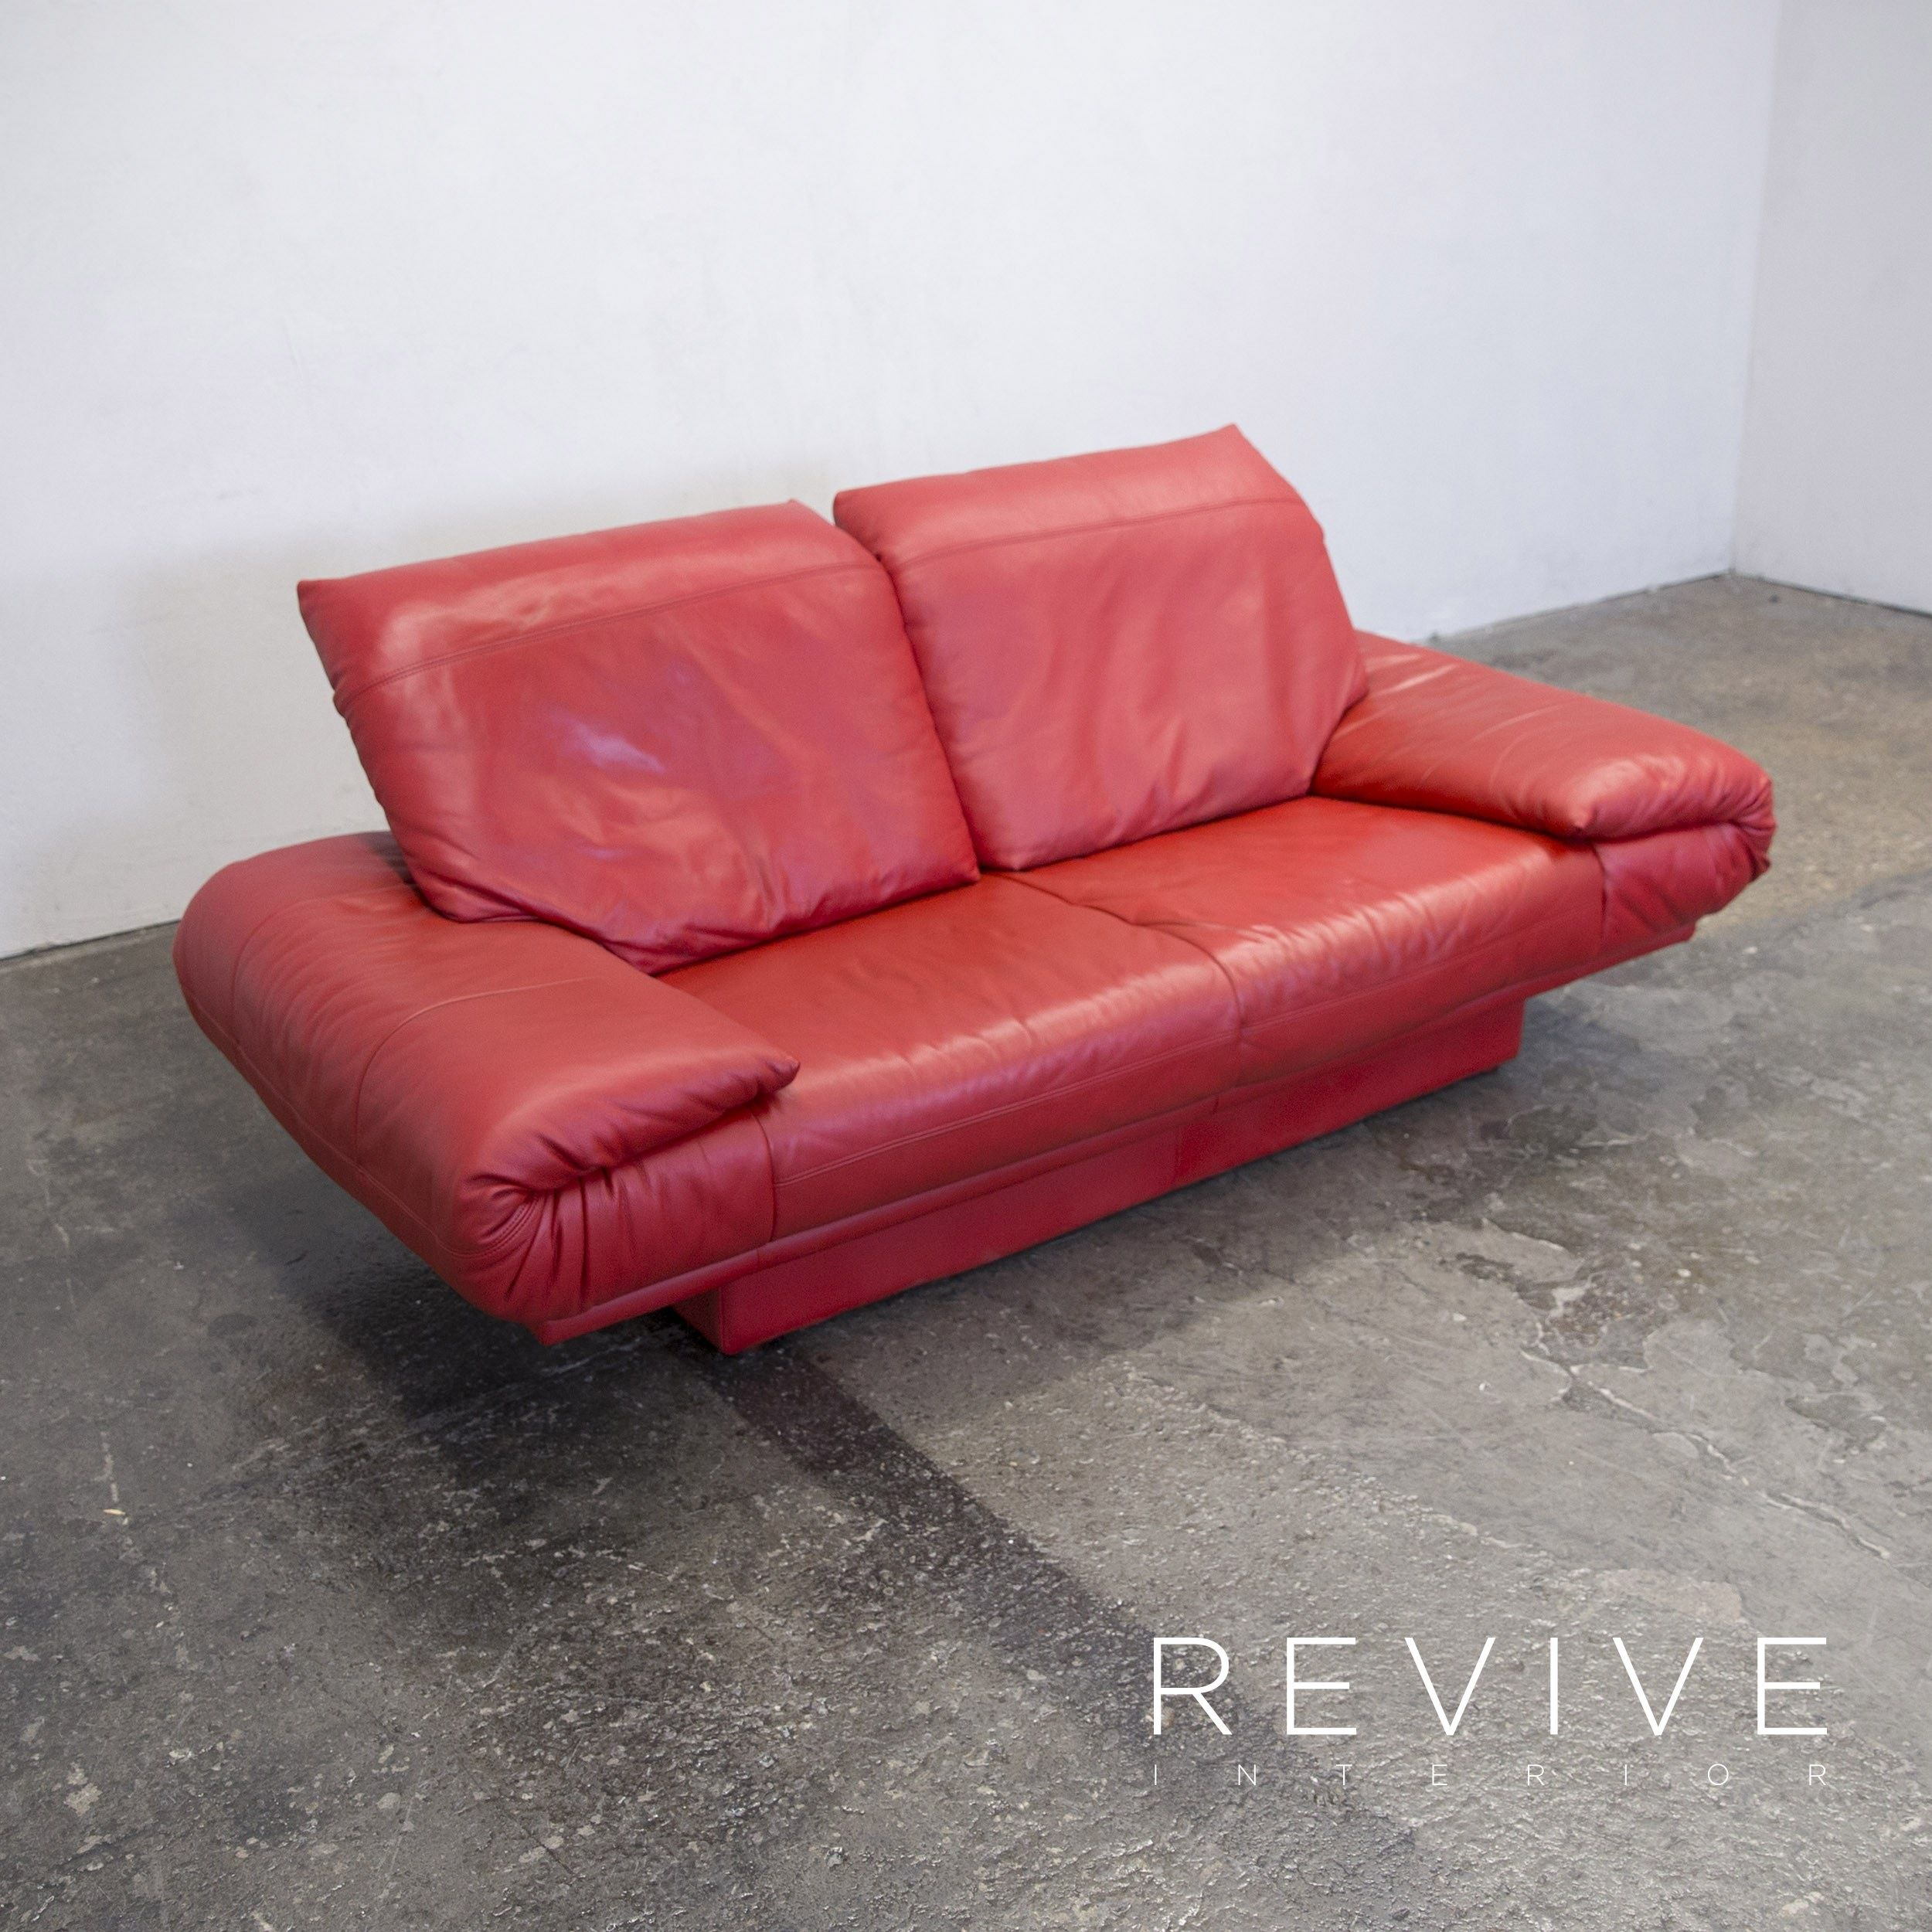 Full Size of Gebrauchte Sofas Kaufen 29 Luxus Gnstig Sofa U Form Polster Reinigen Big Braun Kissen Günstig Günstige Regale Velux Fenster Esstisch Mit 4 Stühlen Ohne Sofa Sofa Günstig Kaufen